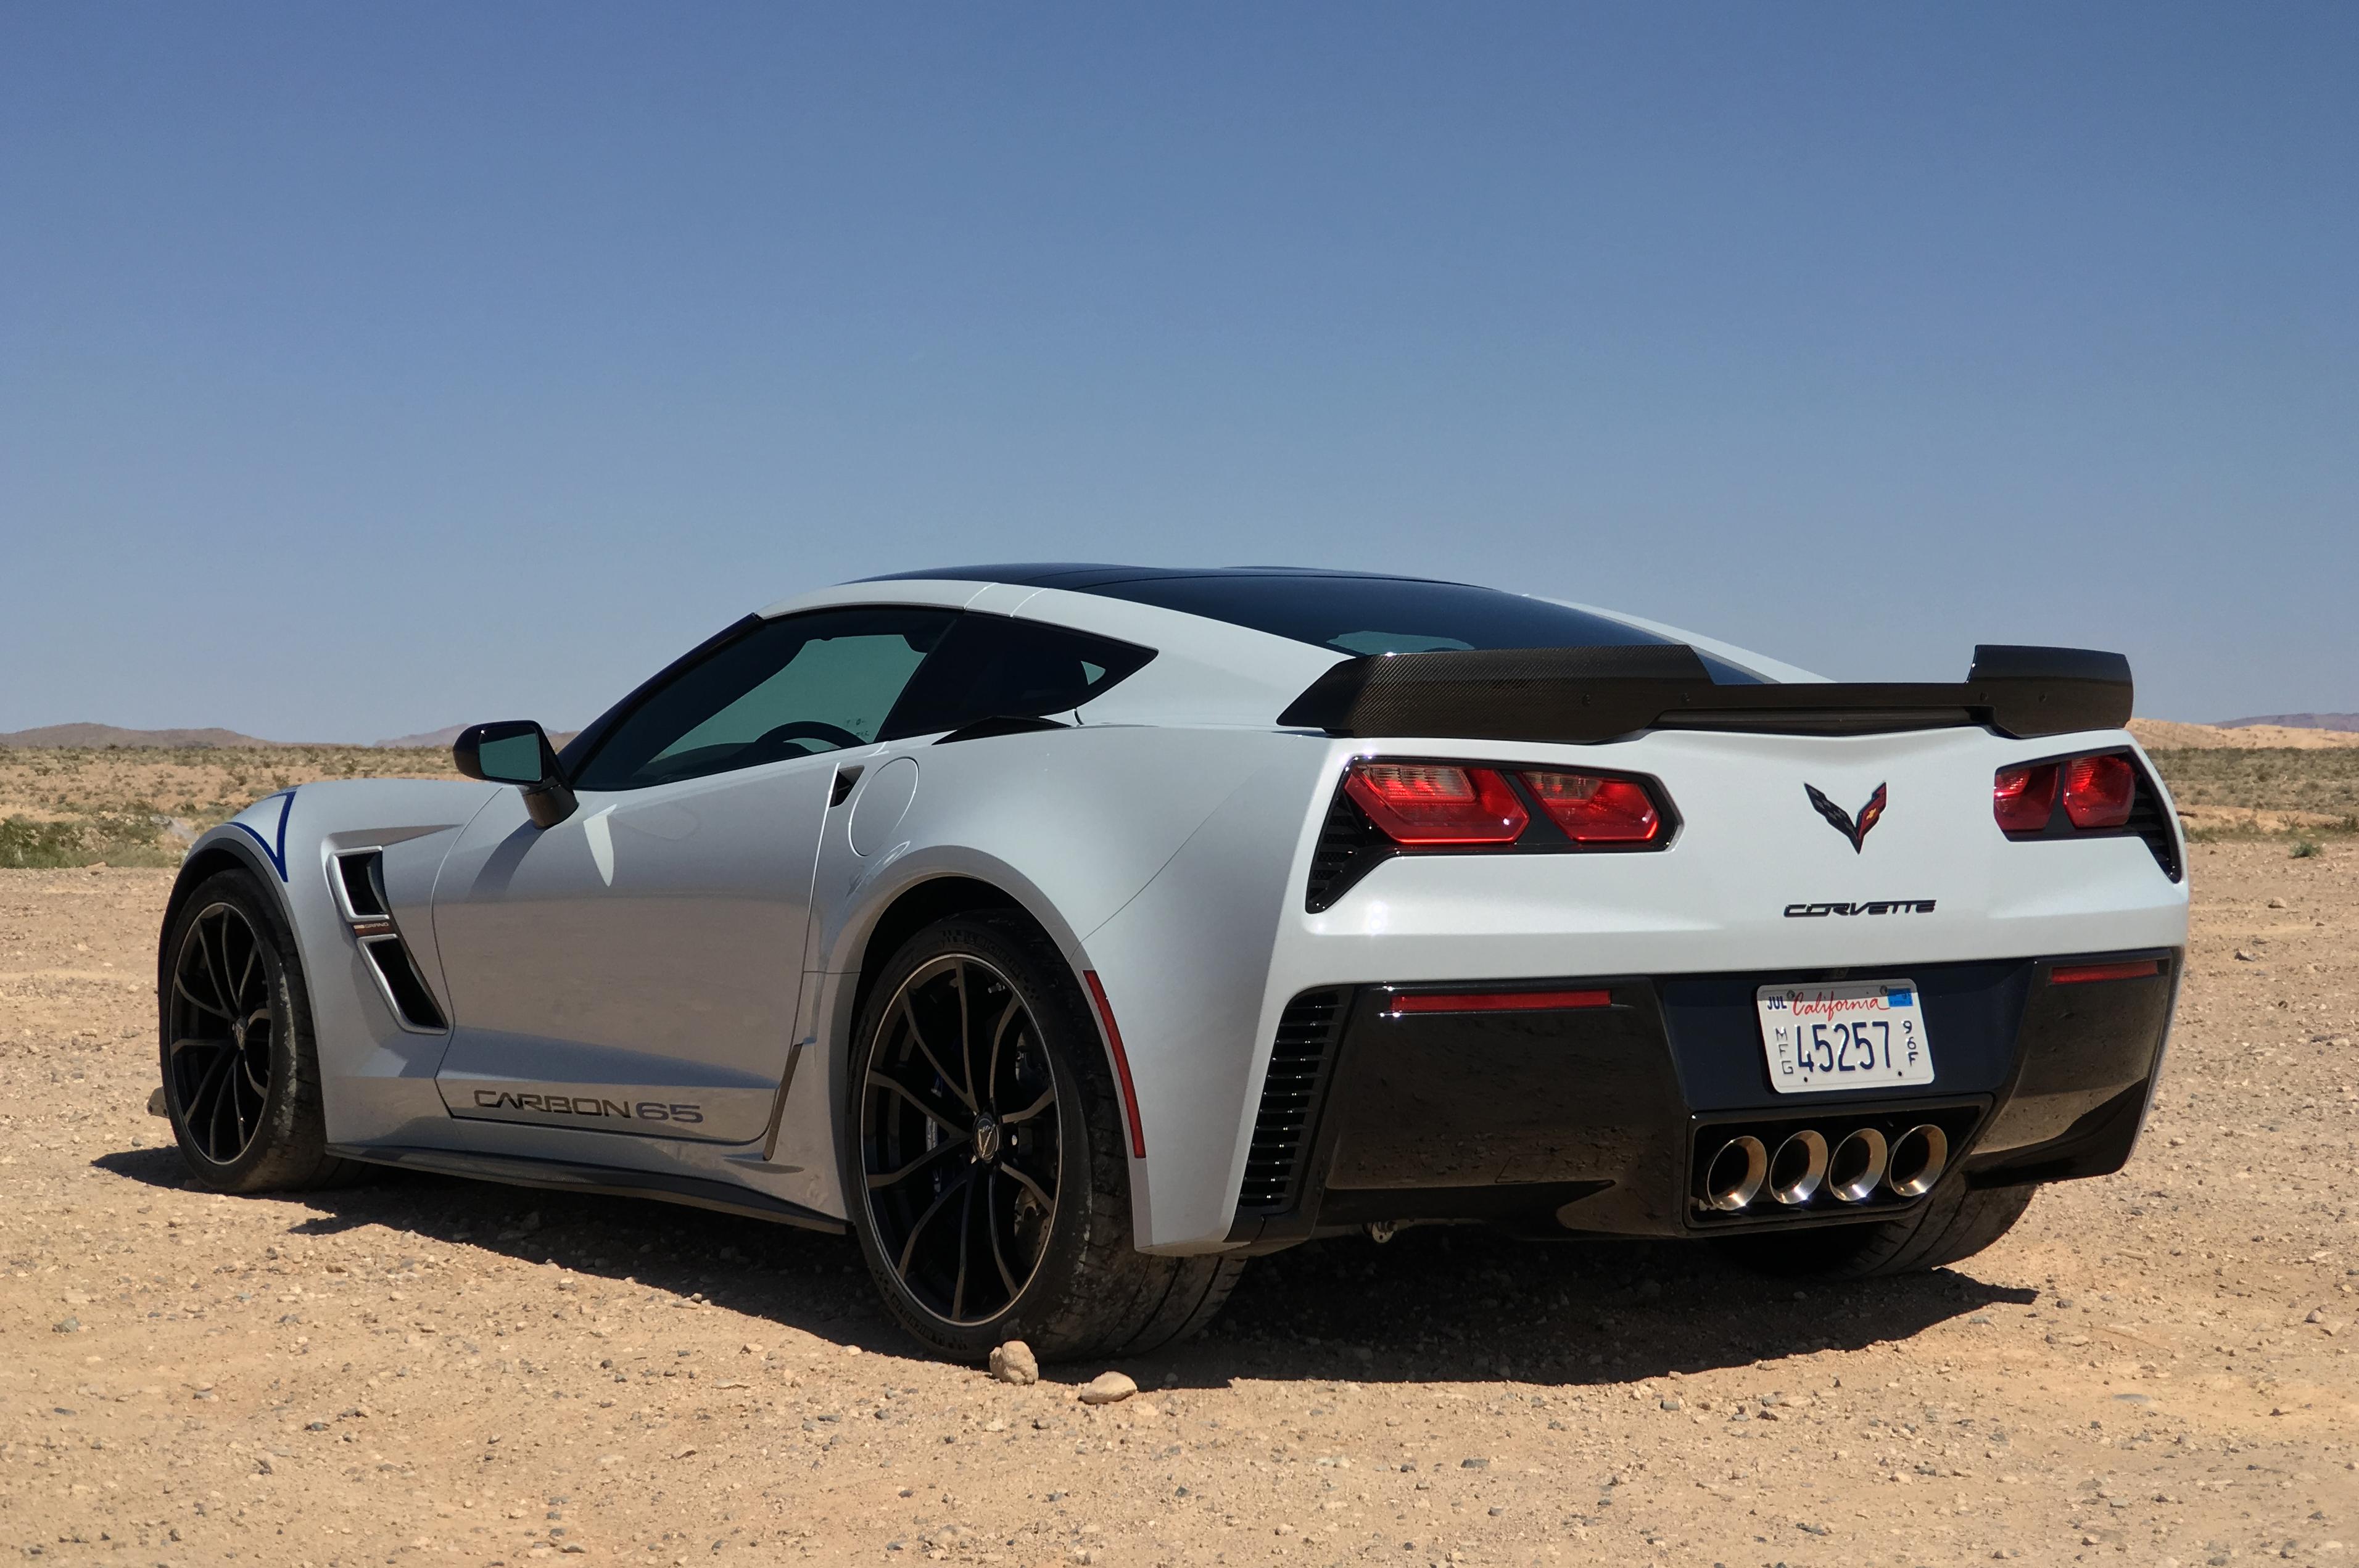 Review 2018 Chevrolet Corvette Grand Sport Carbon 65